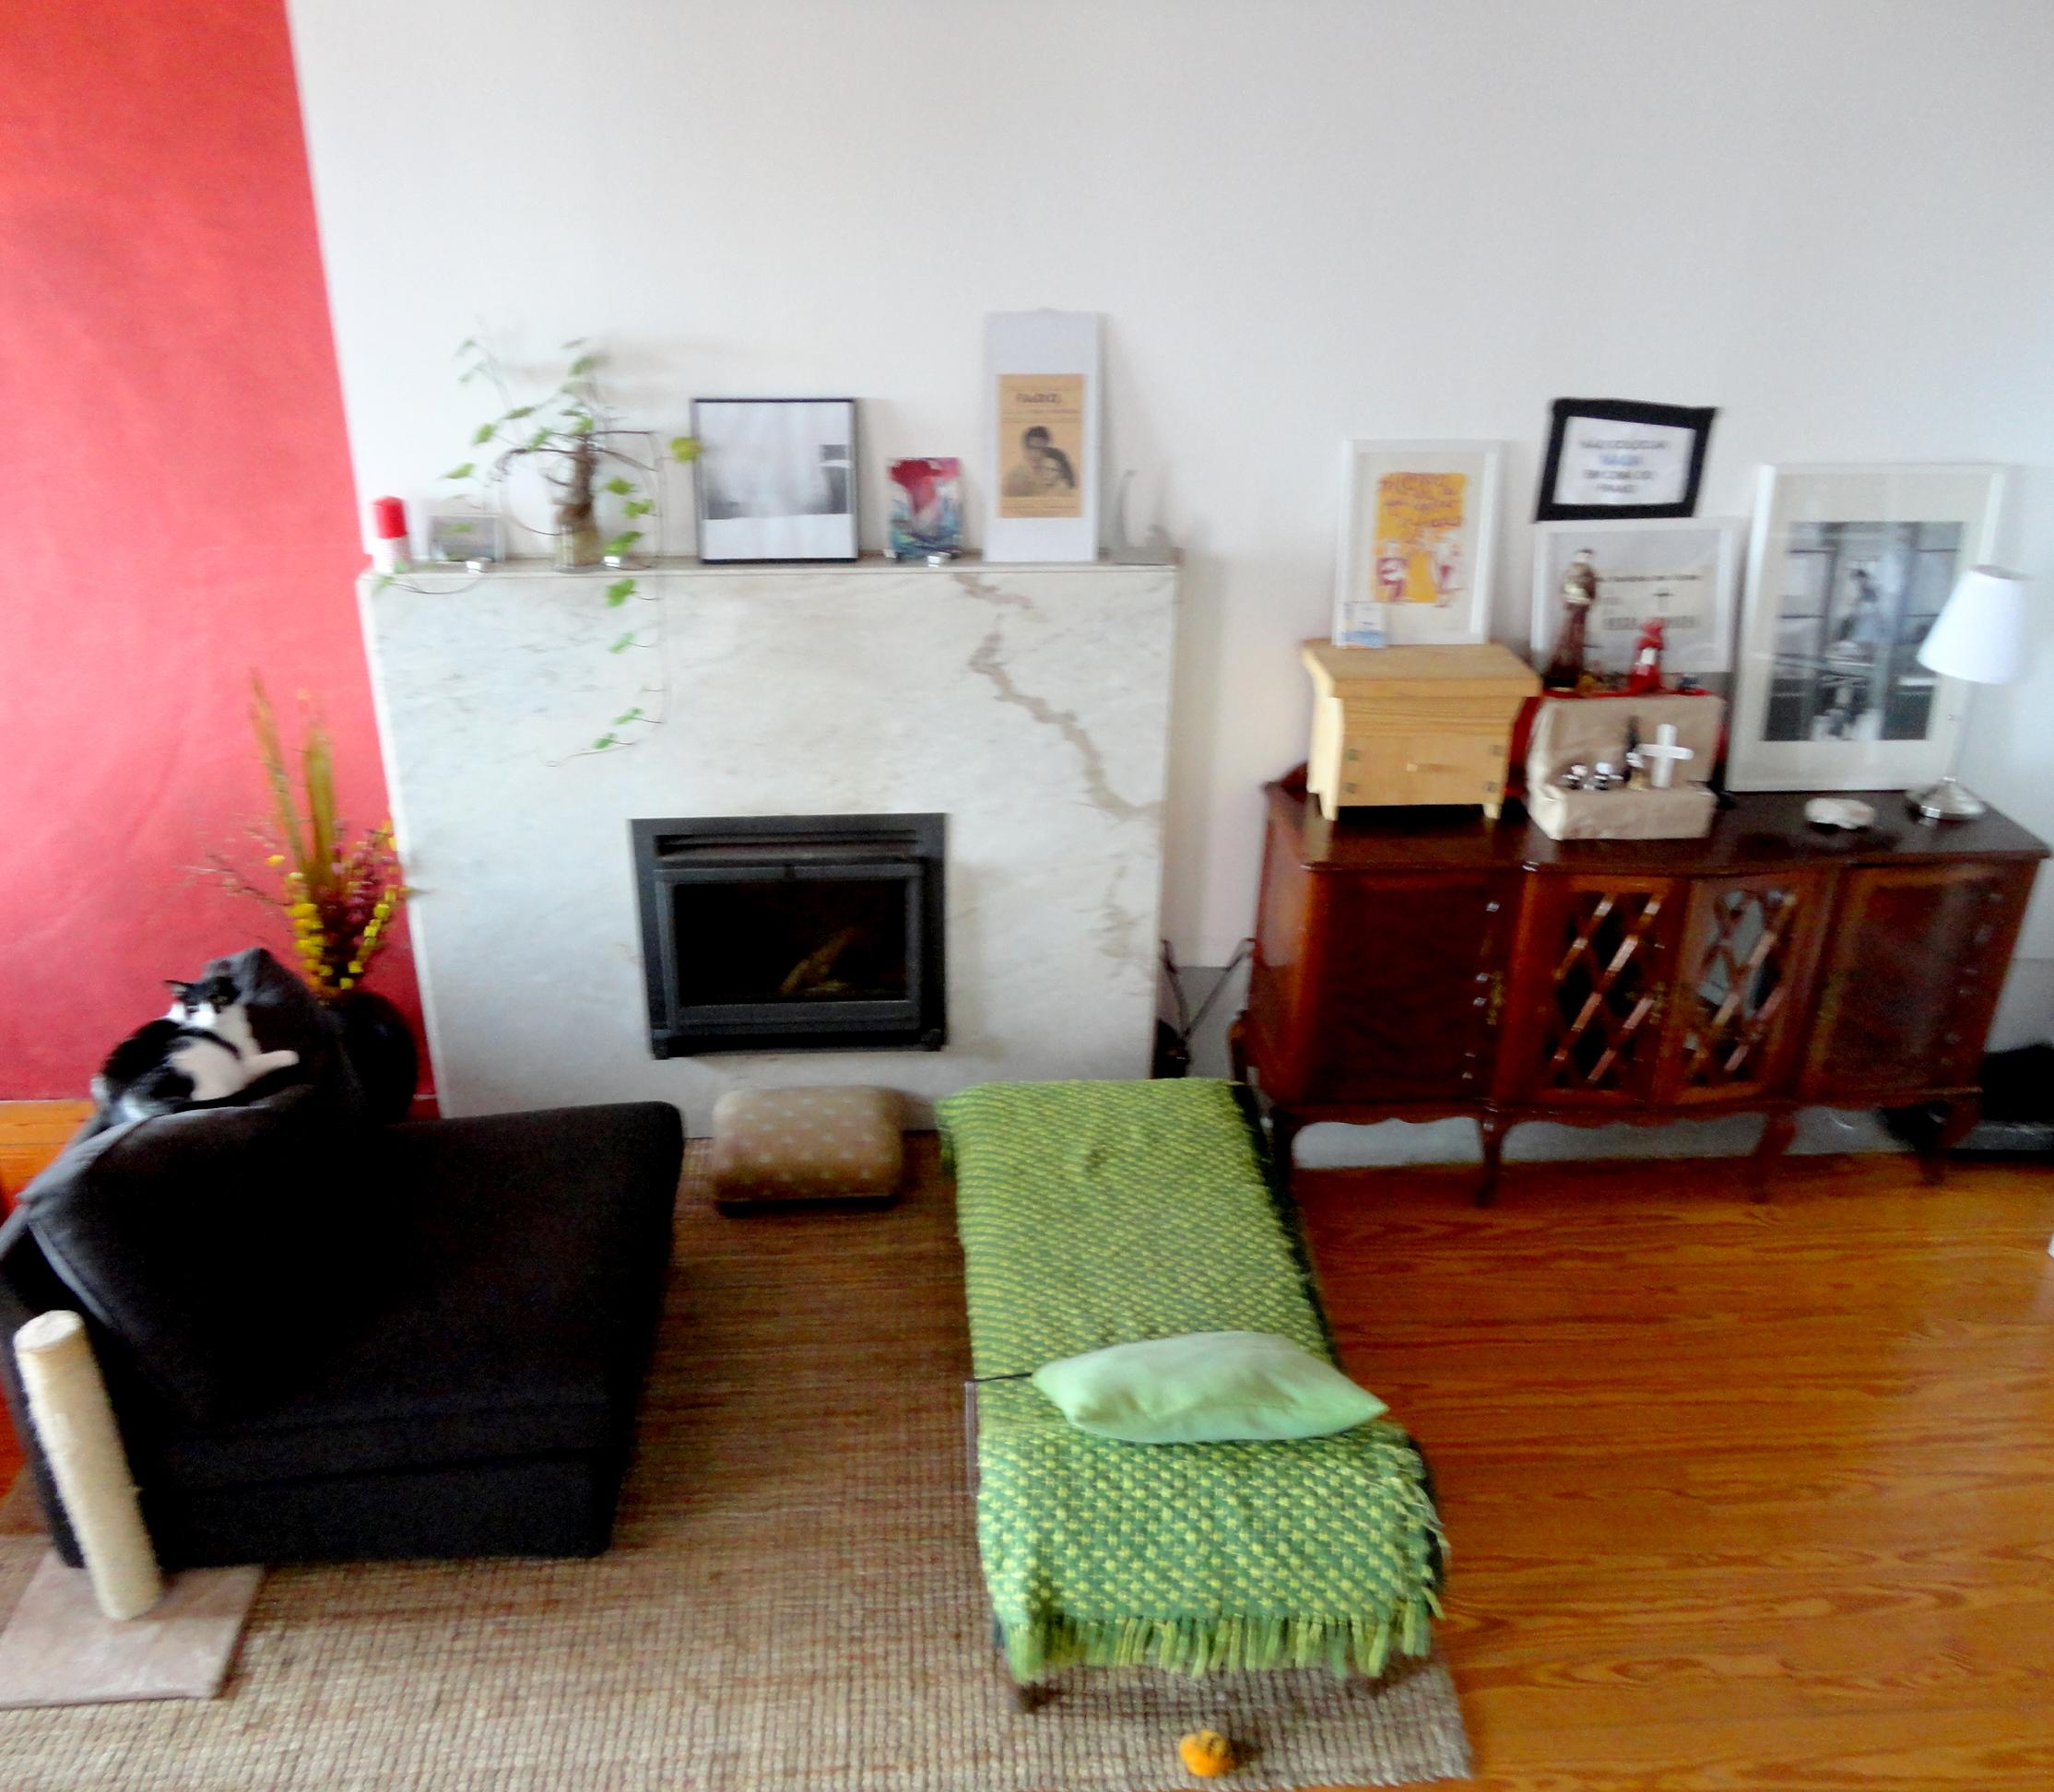 o coração da casa, com o altar de Santo António e a lareira que conforta nos dias de inverno.